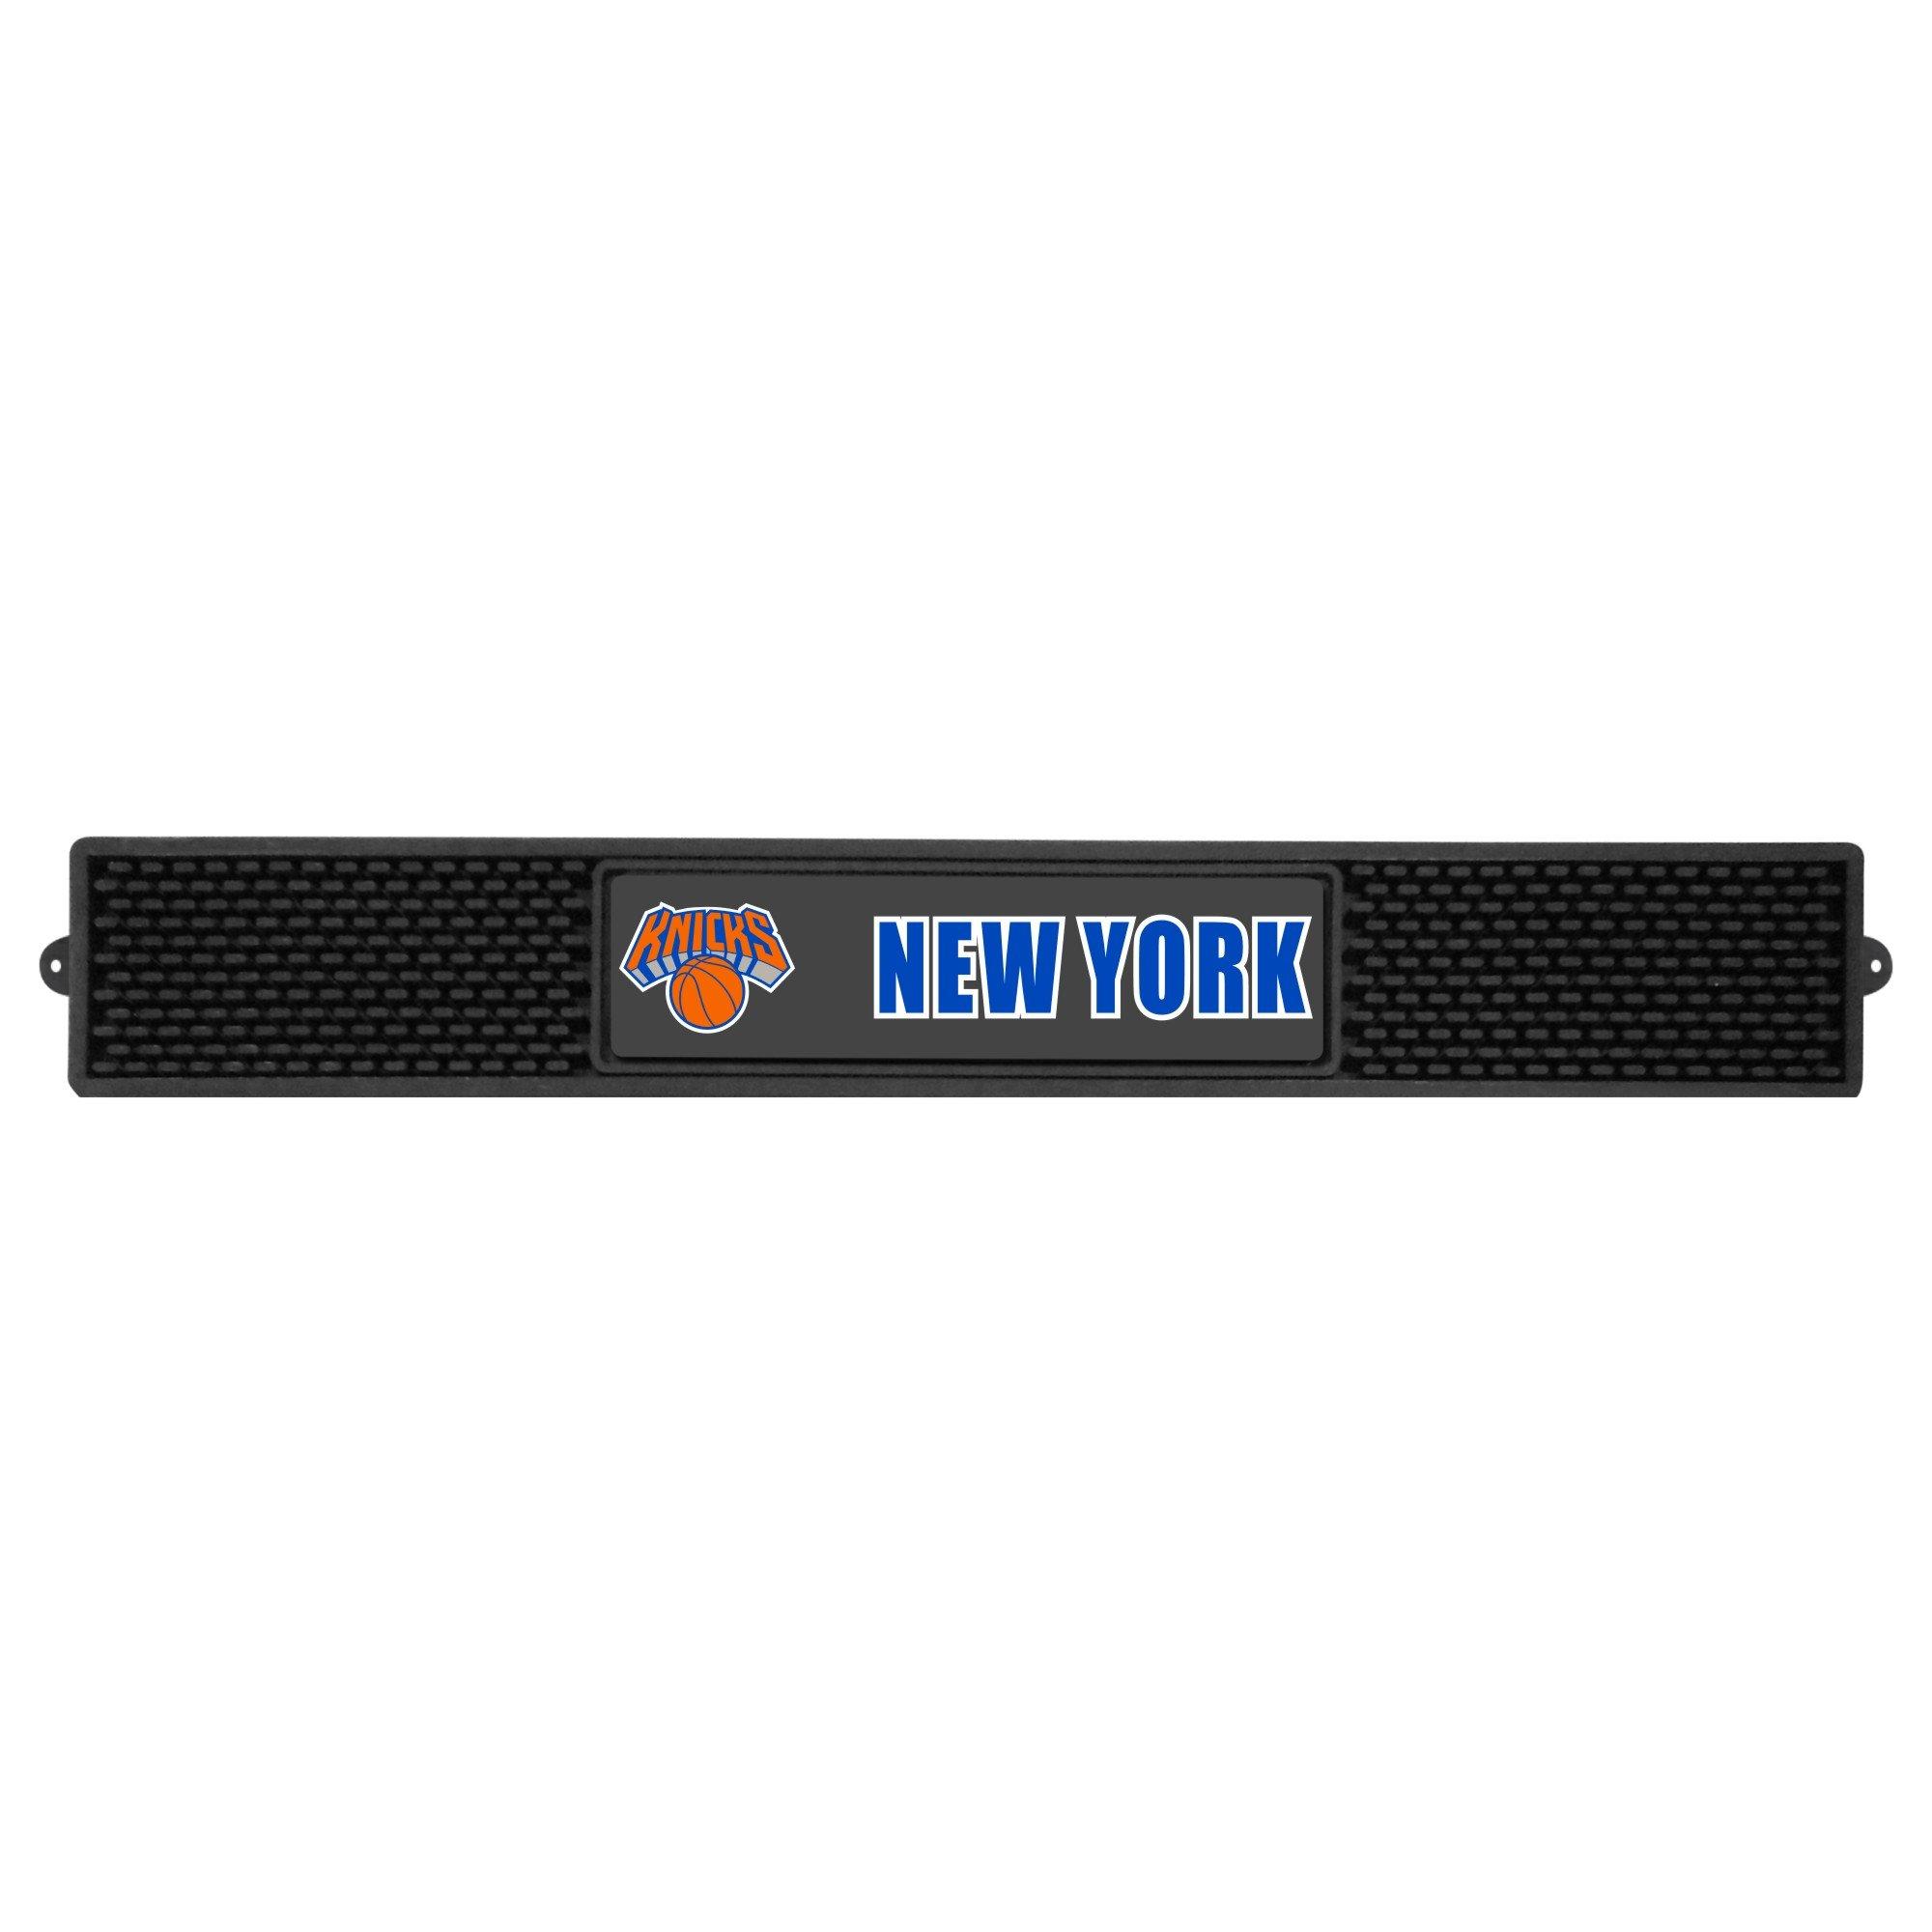 Fanmats 14054 NBA New York Knicks Vinyl Drink Mat